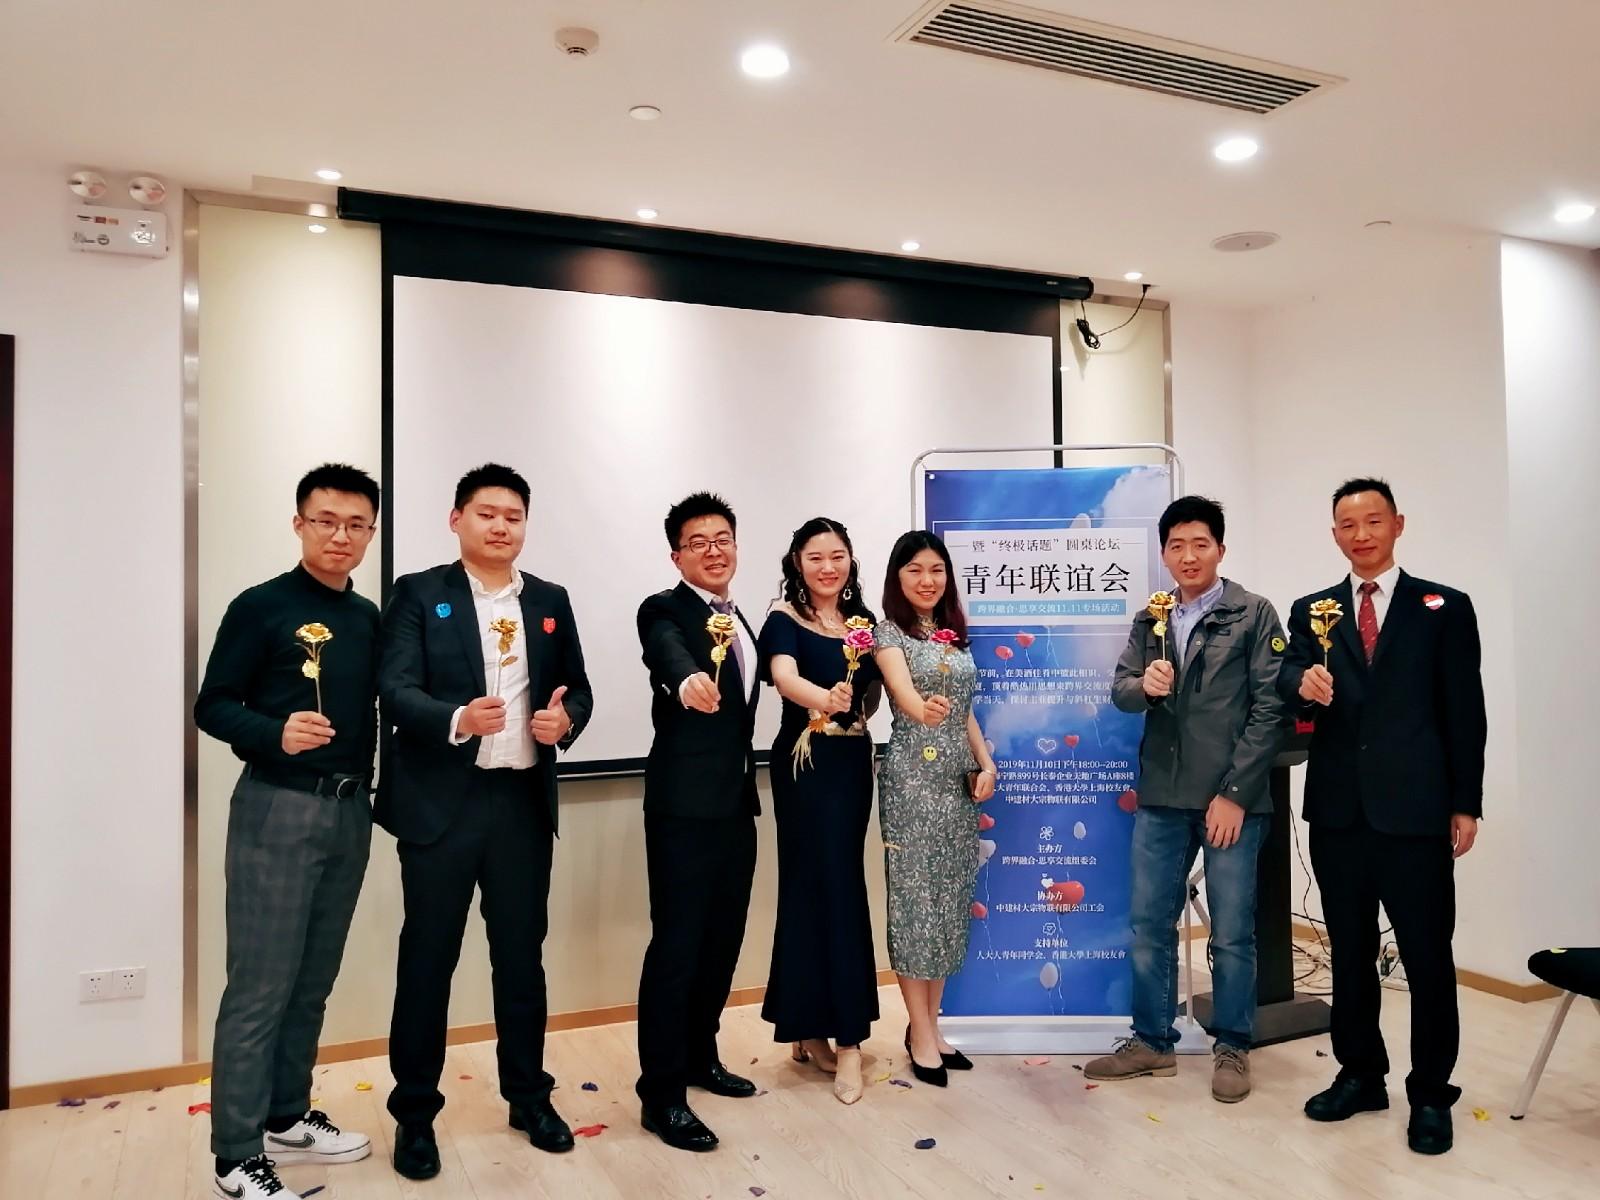 中国人民大学人大人学院青年联谊会活动图集